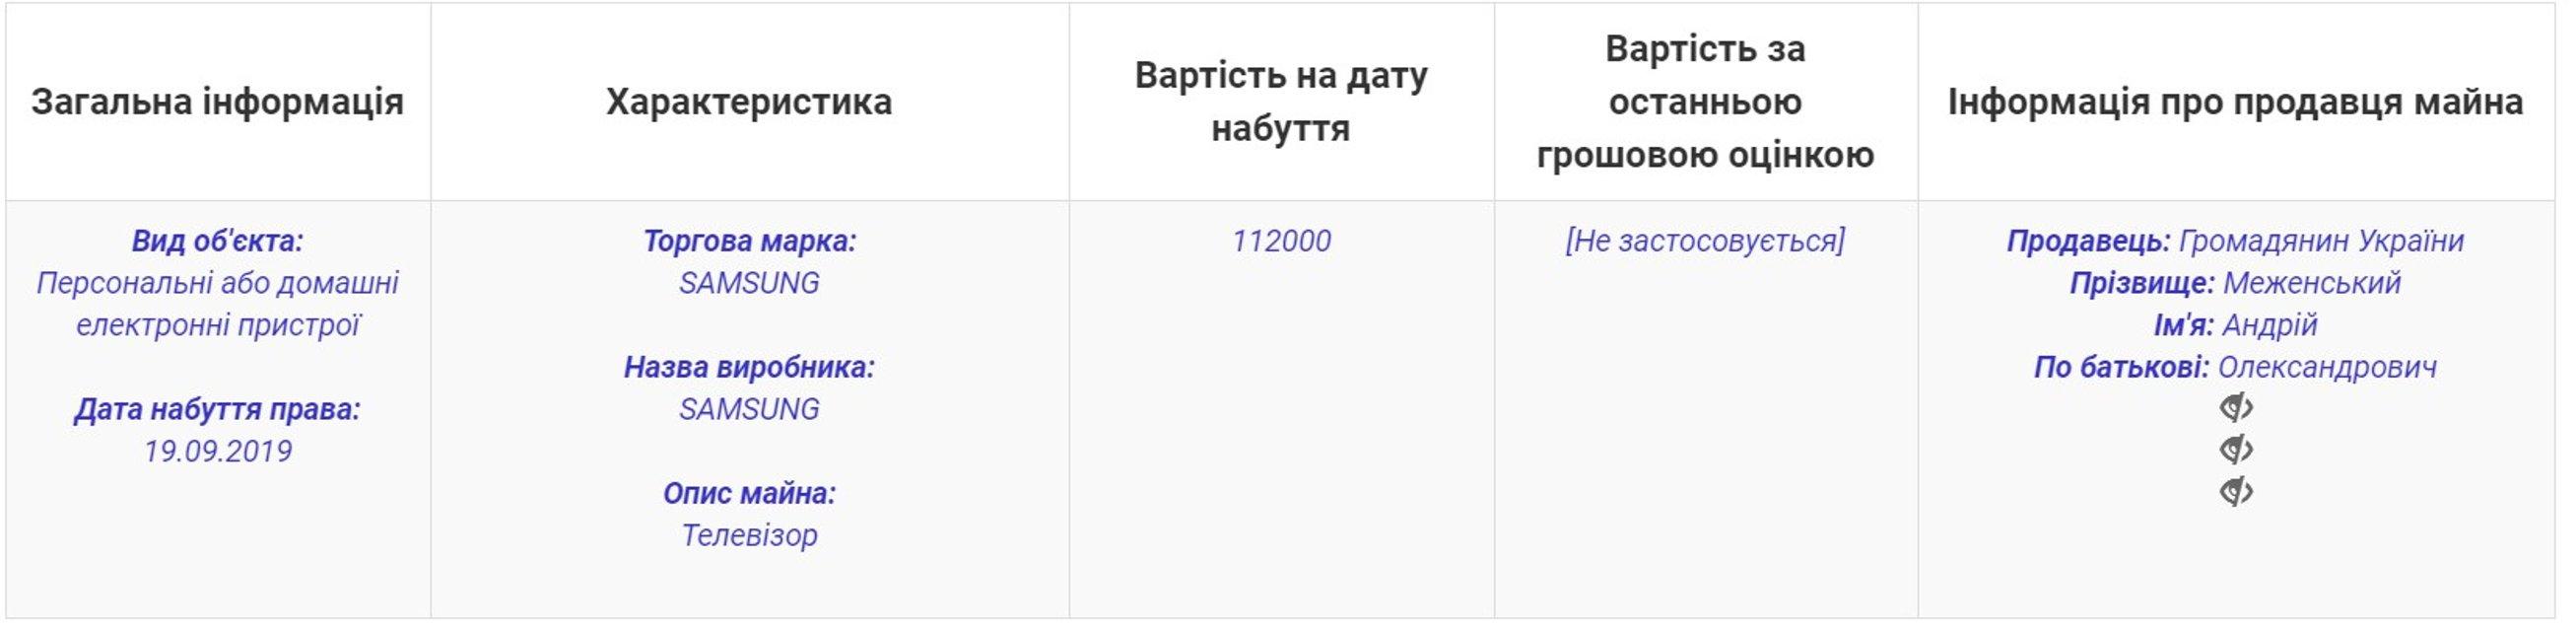 Глава САП Холодницкий купил телек за 112 тысяч, намного дороже, чем его месячная зарплата - фото 188796